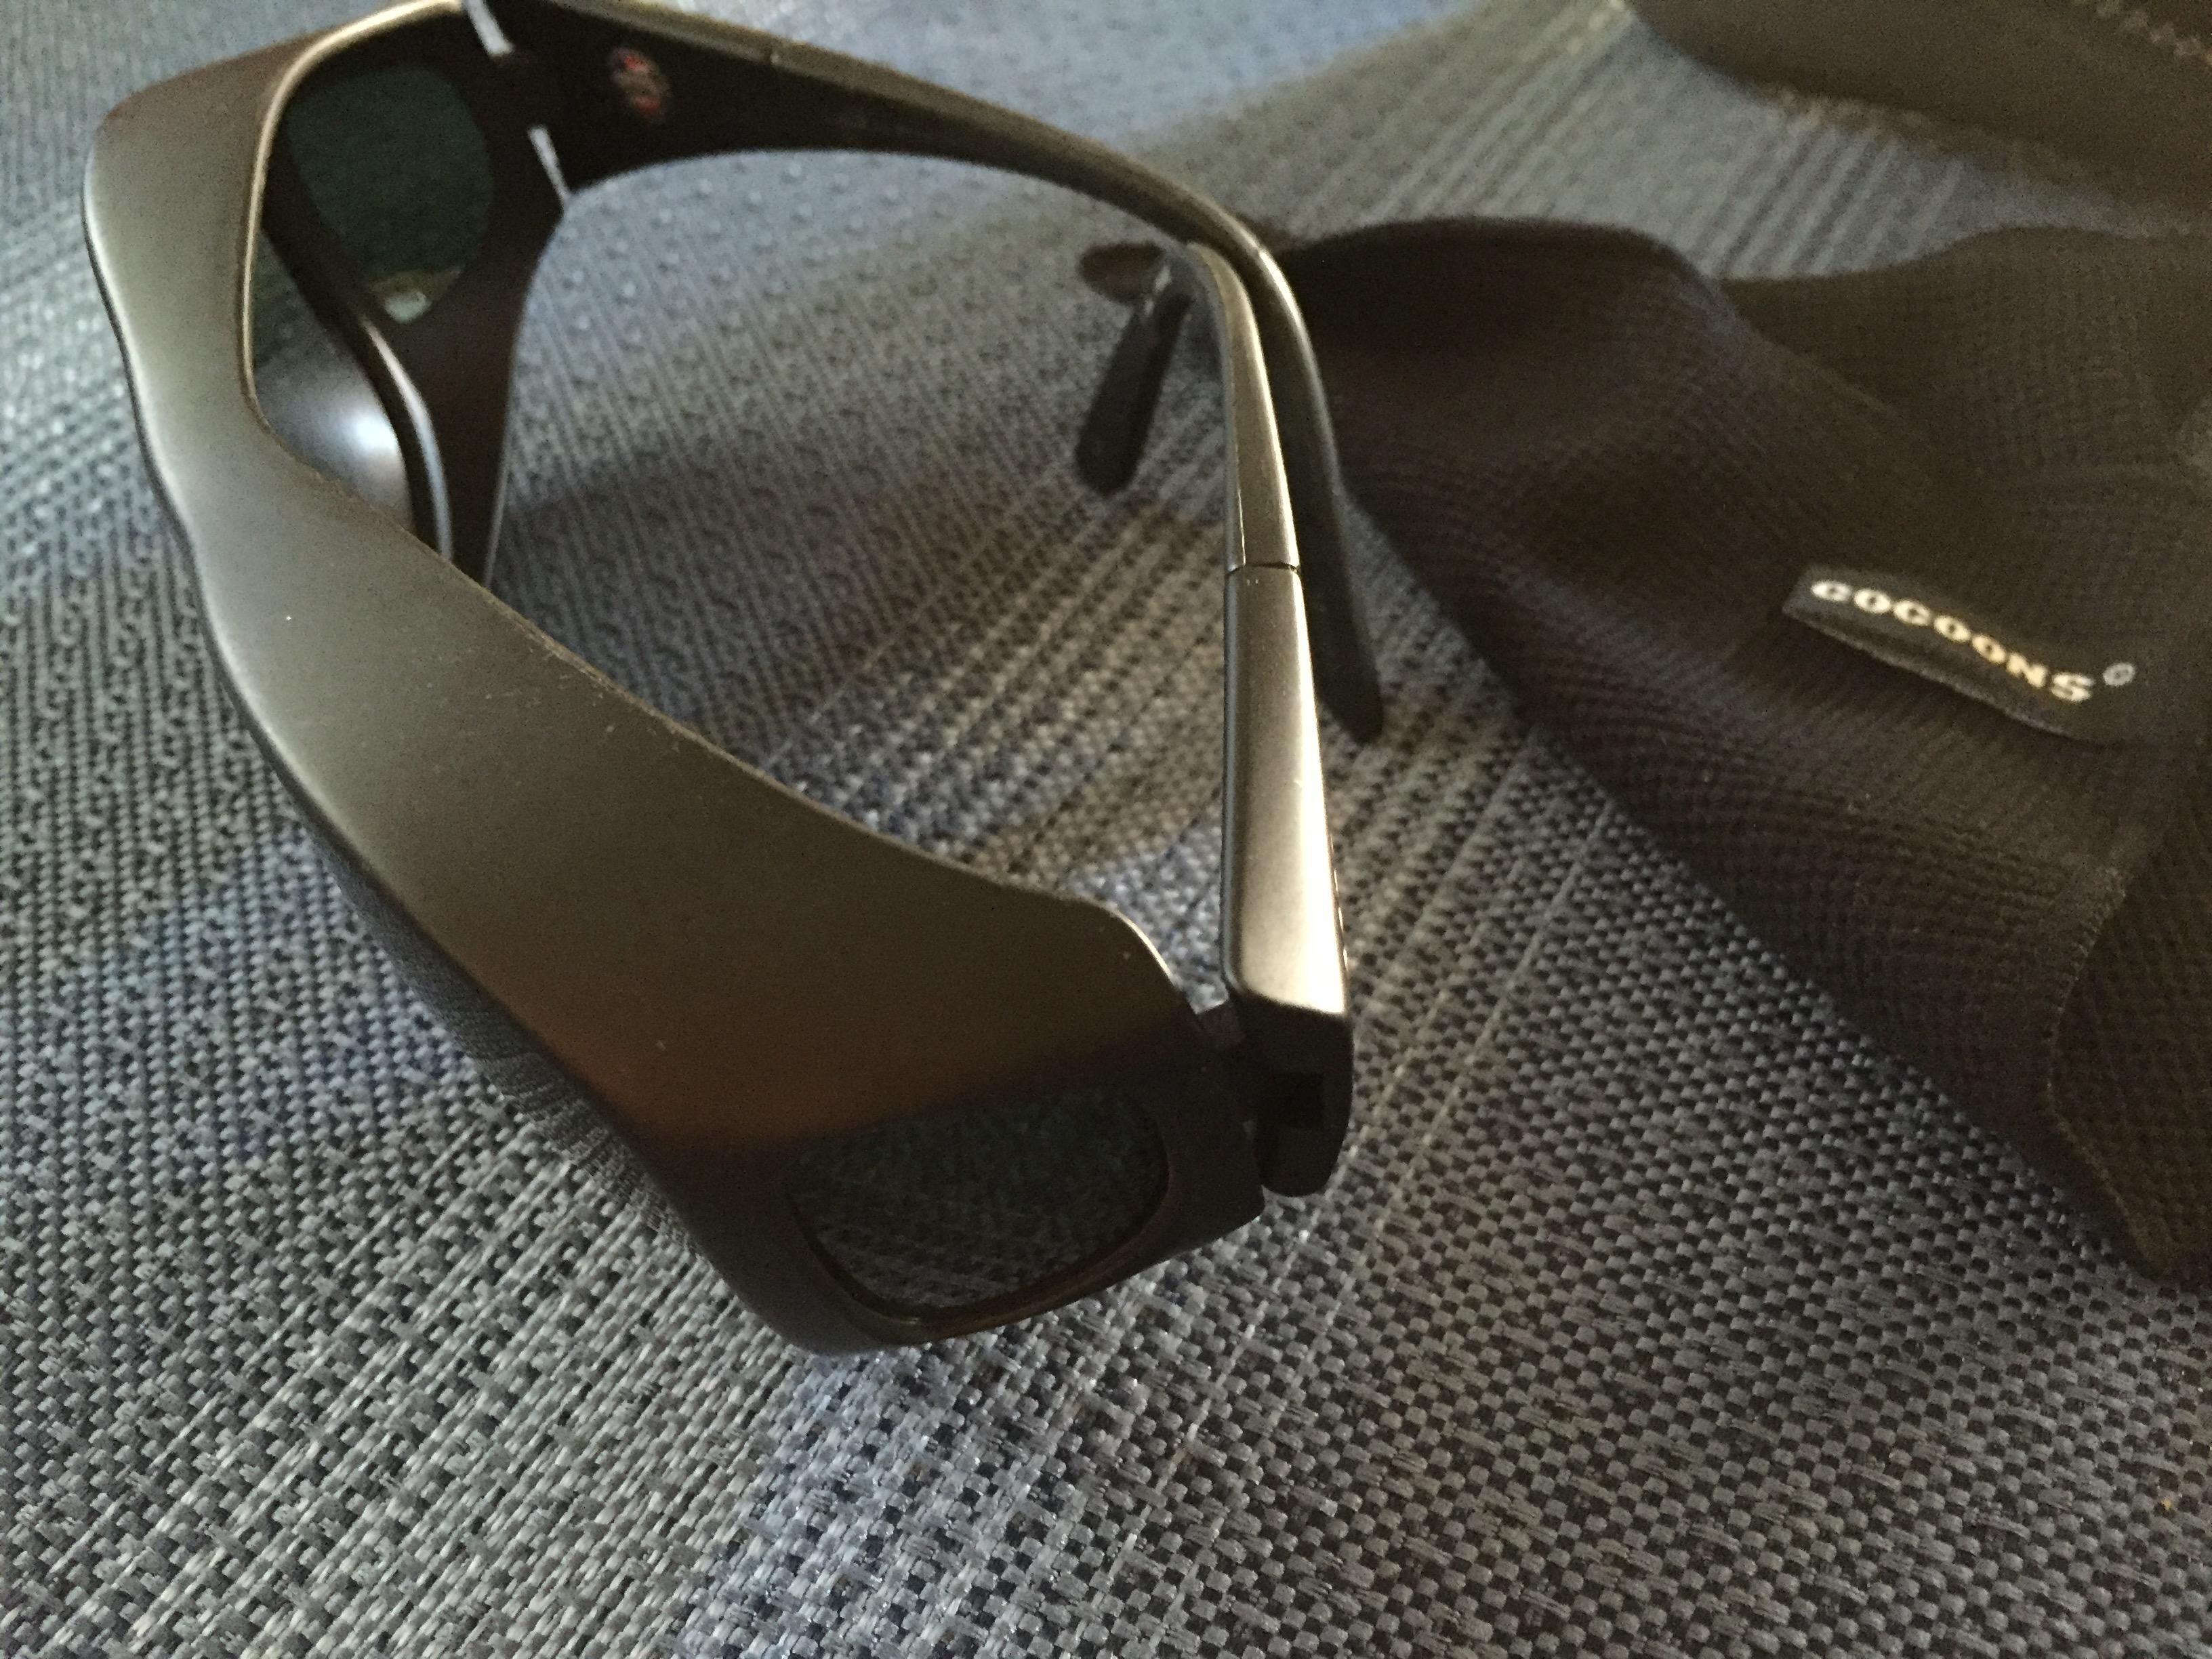 Best Microfiber For Glasses Forum